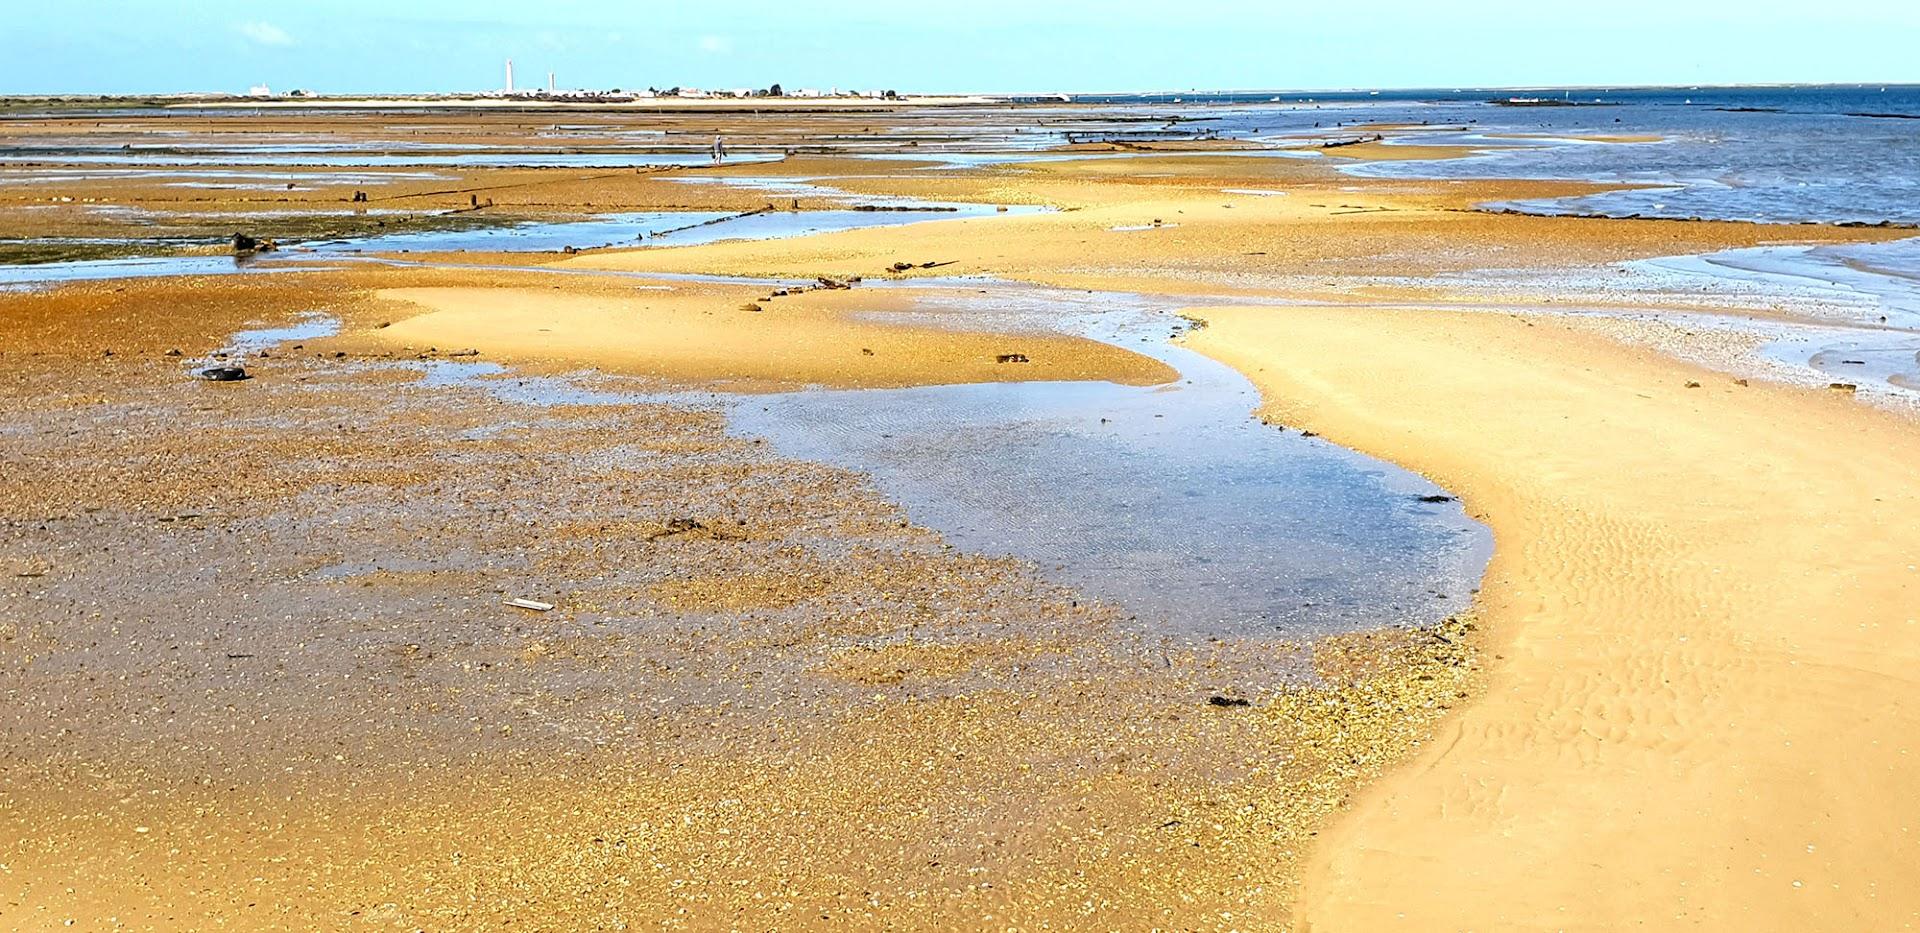 Visitar a RIA FORMOSA, um Algarve paradisíaco cheio de glamour e encanto